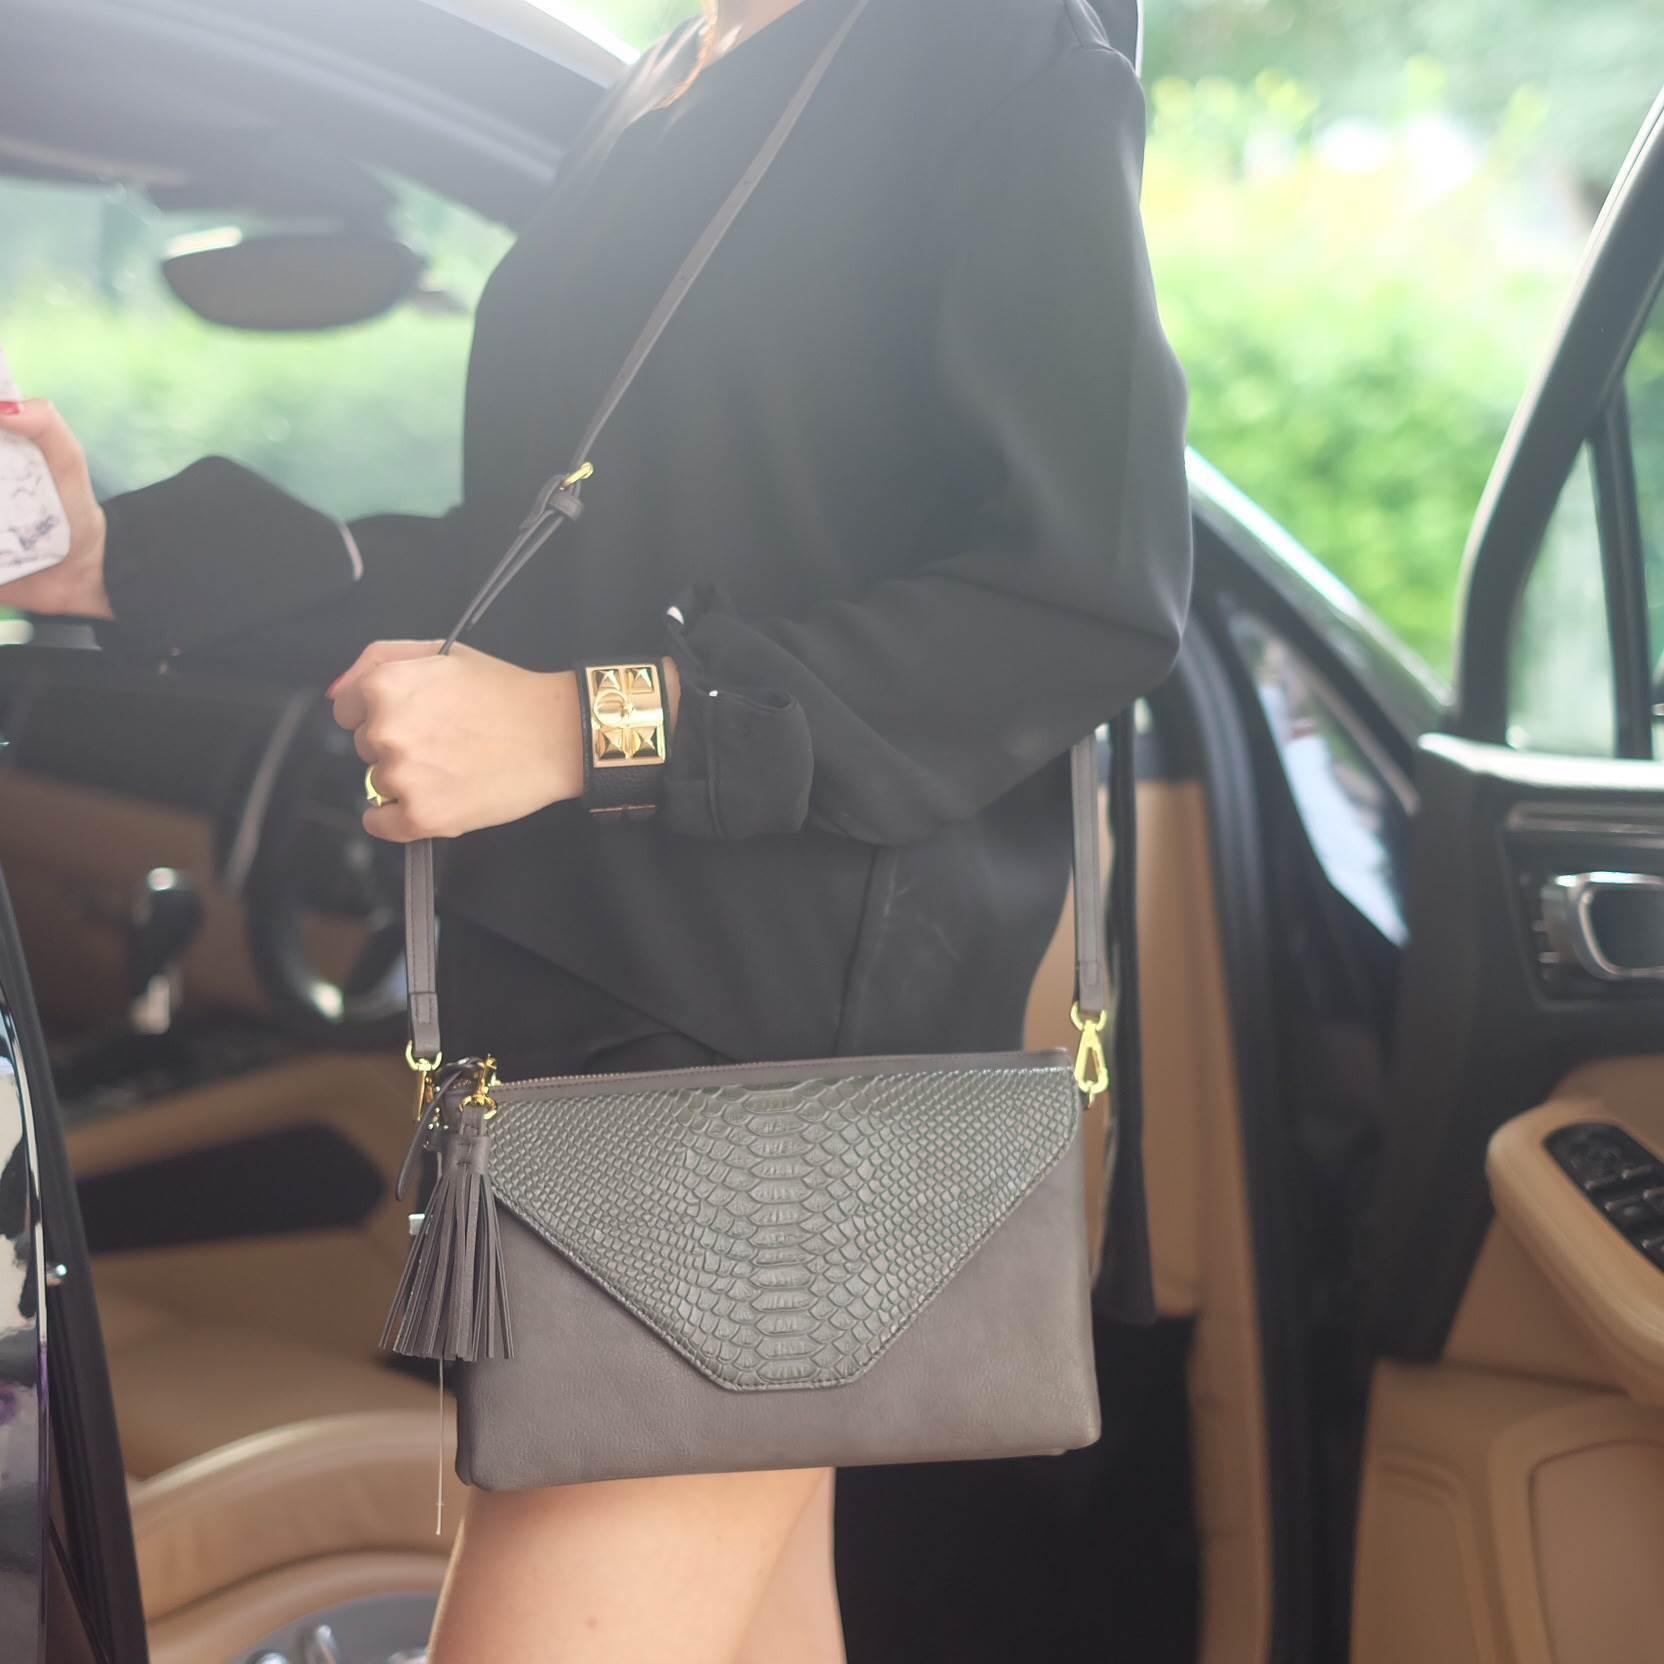 กระเป๋าสะพาย ปรับเป็นคลัชได้ สีเทา รุ่น KEEP Doratry shoulder &clutch bag